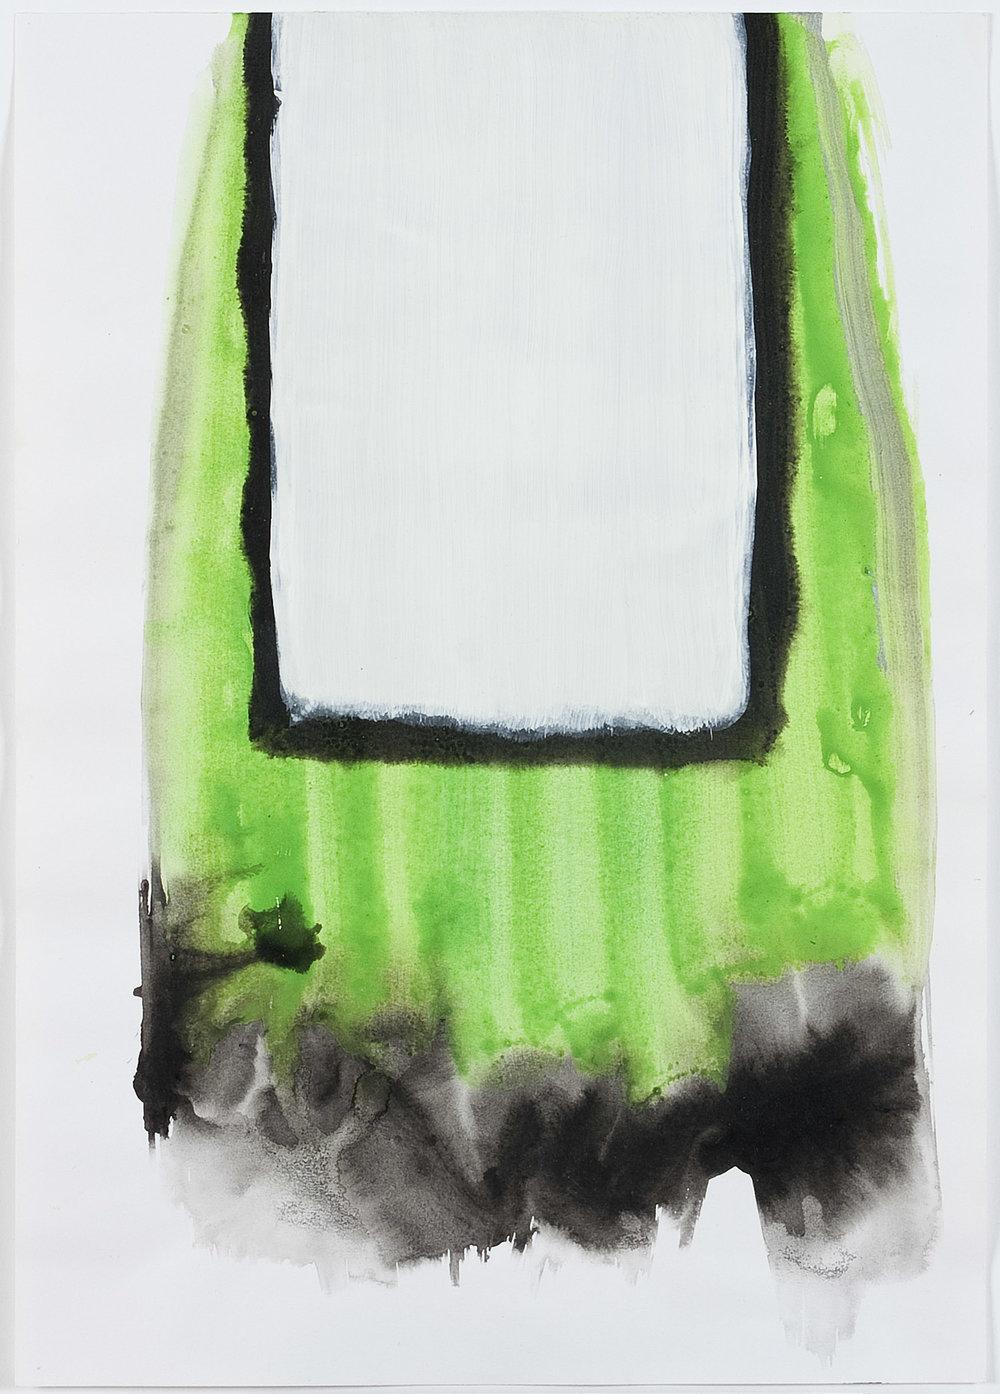 o.T. | Wasserfarbe und Deckweiß auf Papier | 1998 | 42 x 29 cm